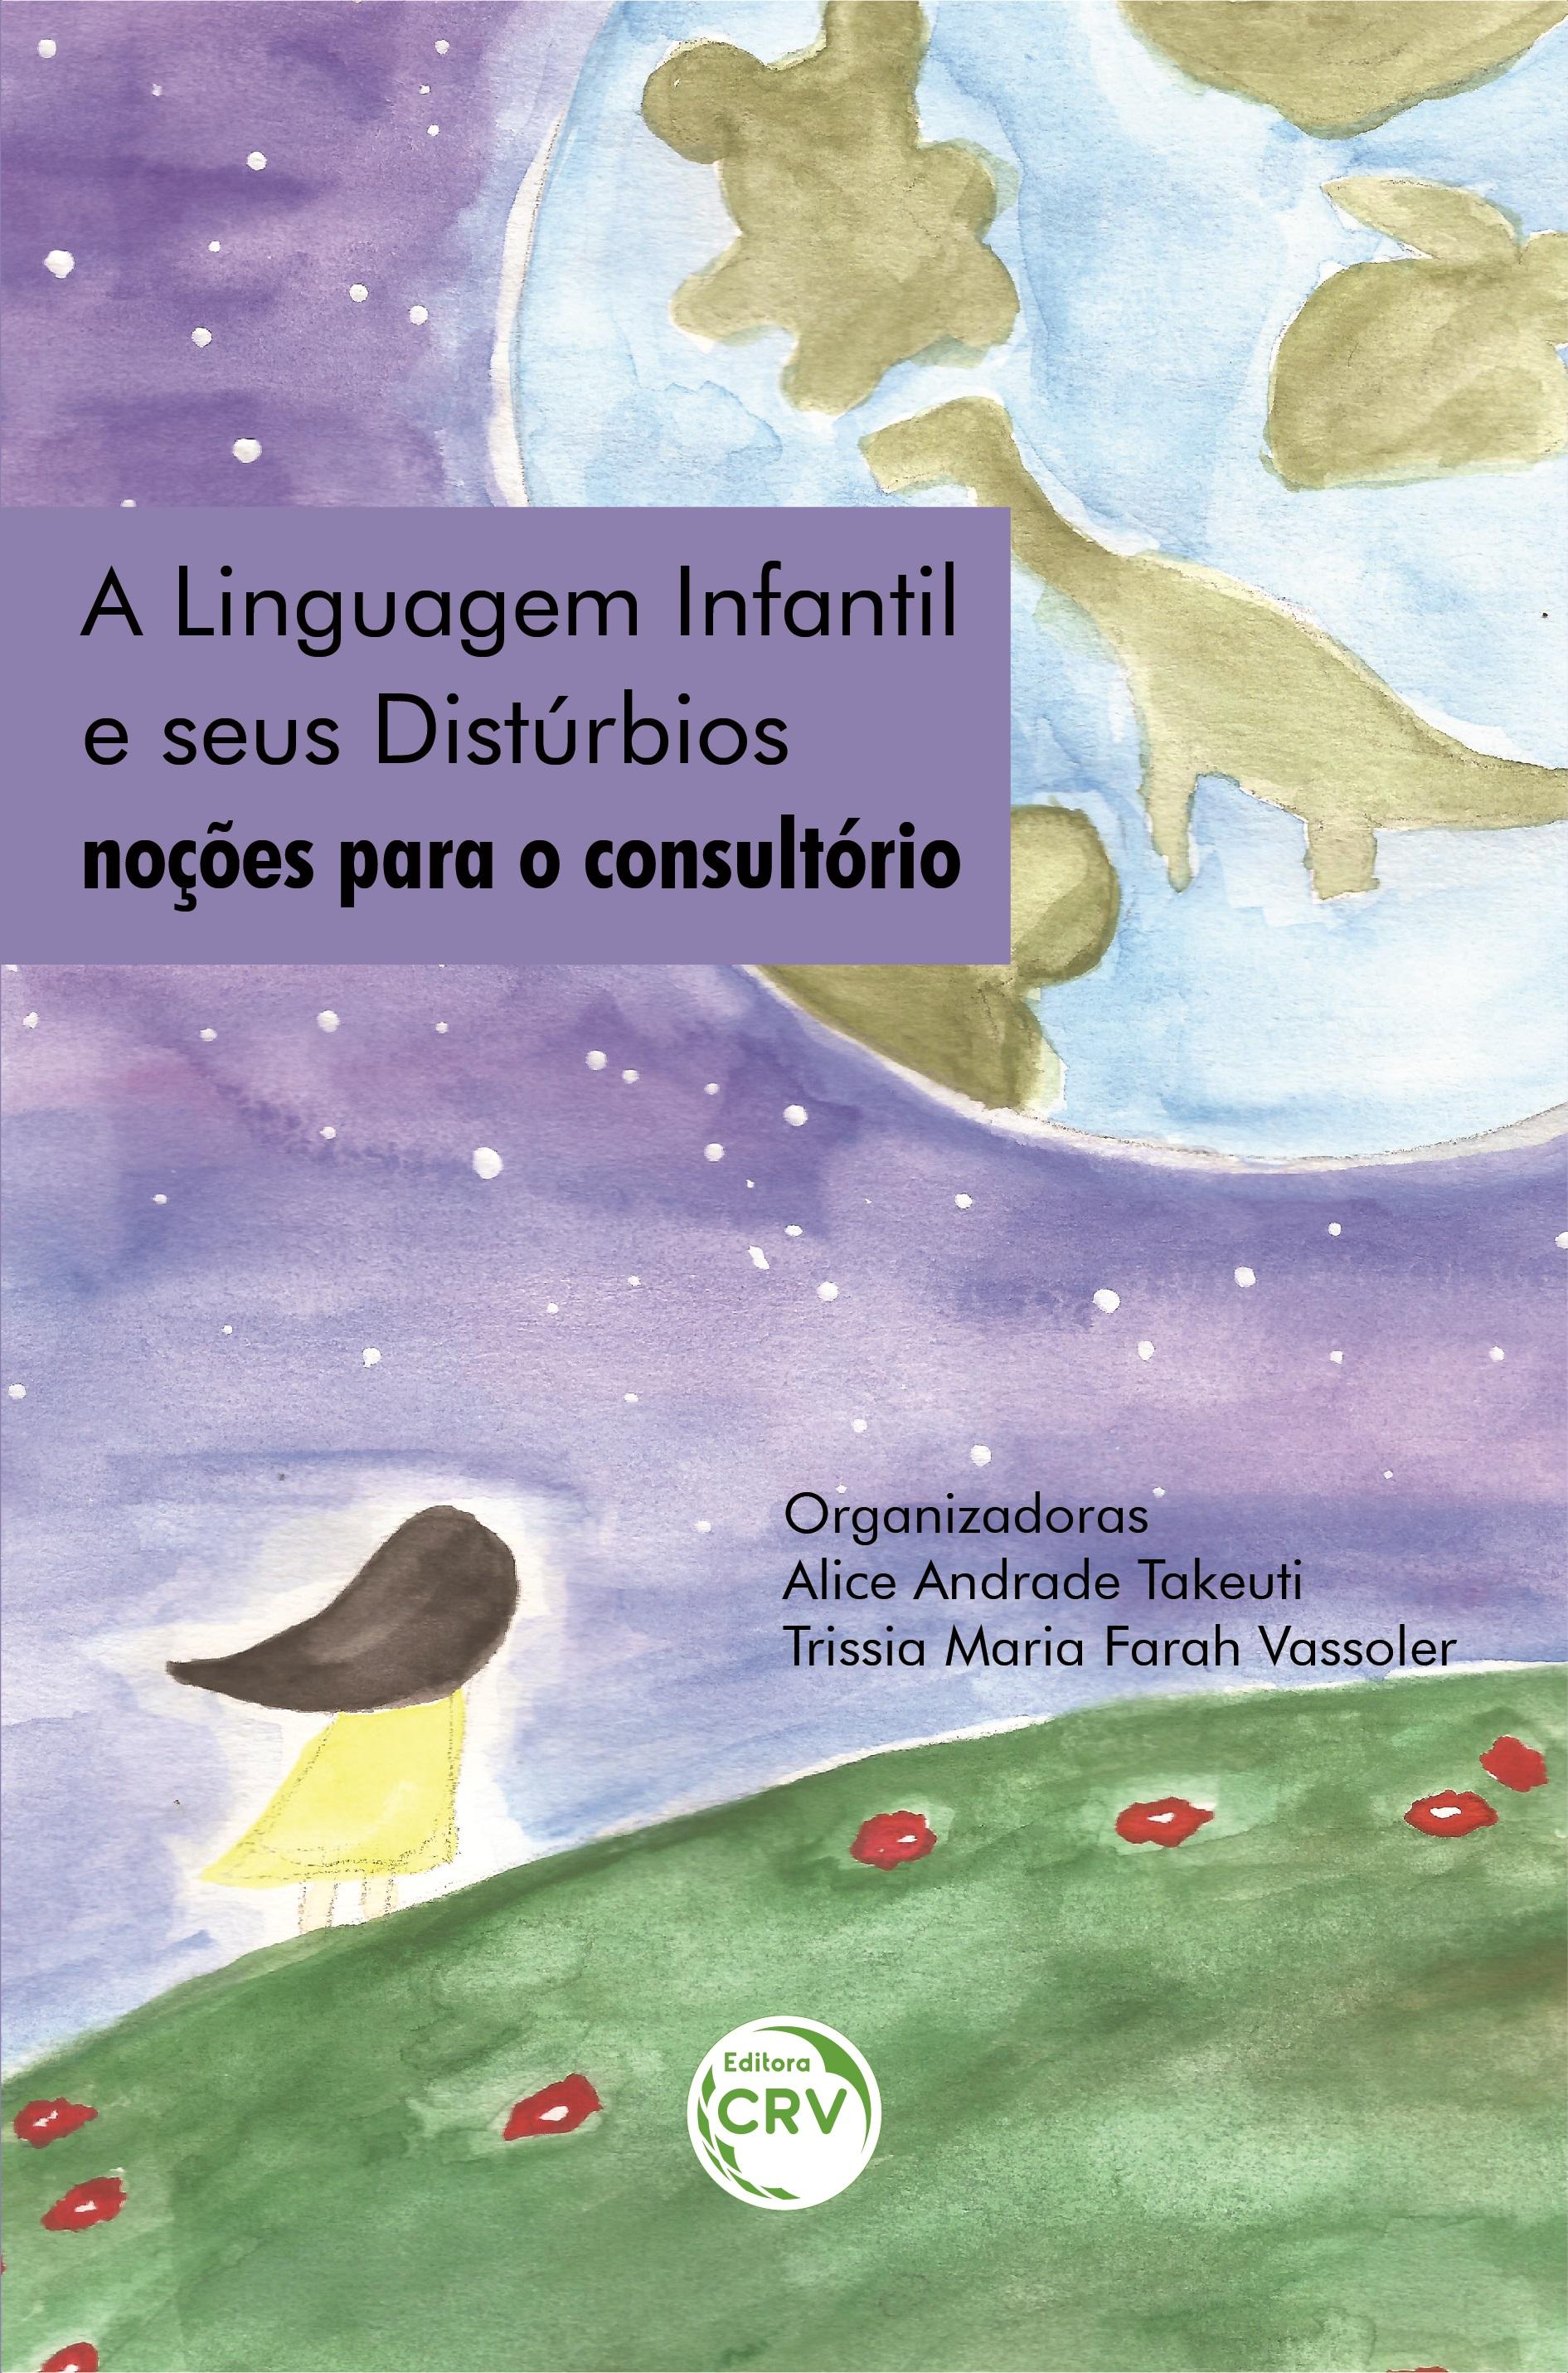 Capa do livro: A LINGUAGEM INFANTIL E SEUS DISTÚRBIOS: <br>noções para o consultório